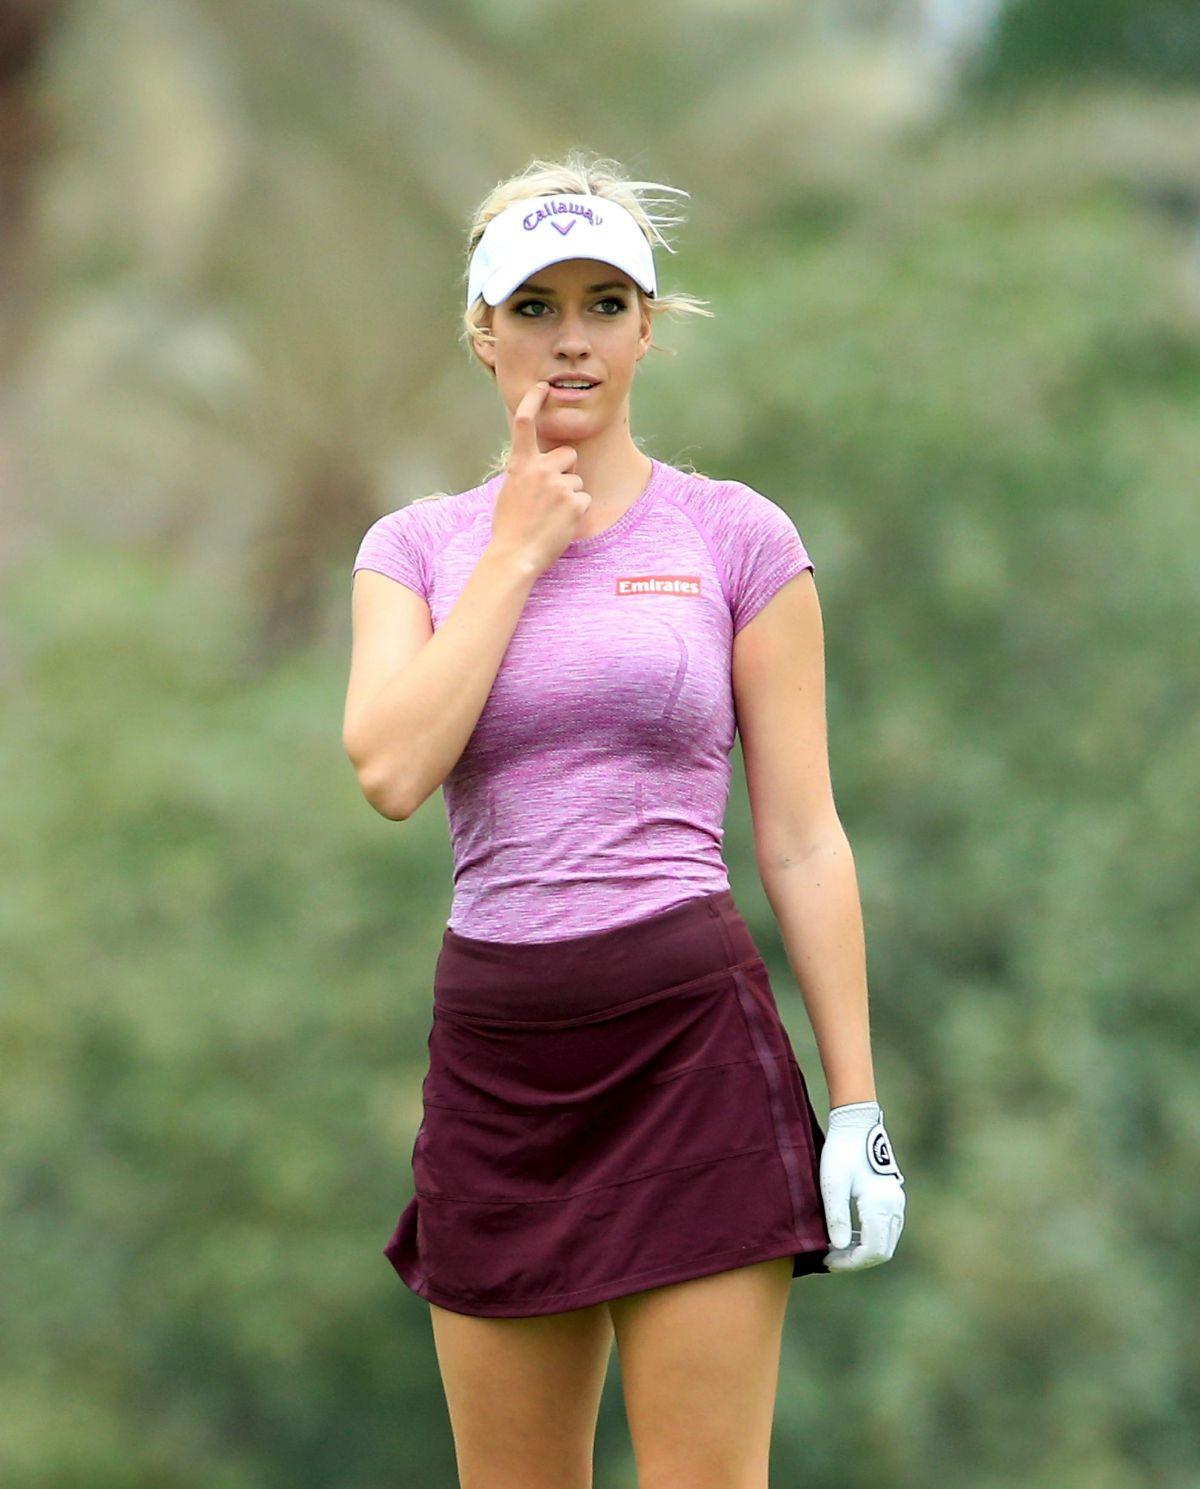 PAIGE SPIRANAC at Omega Dubai Ladies Masters 2015